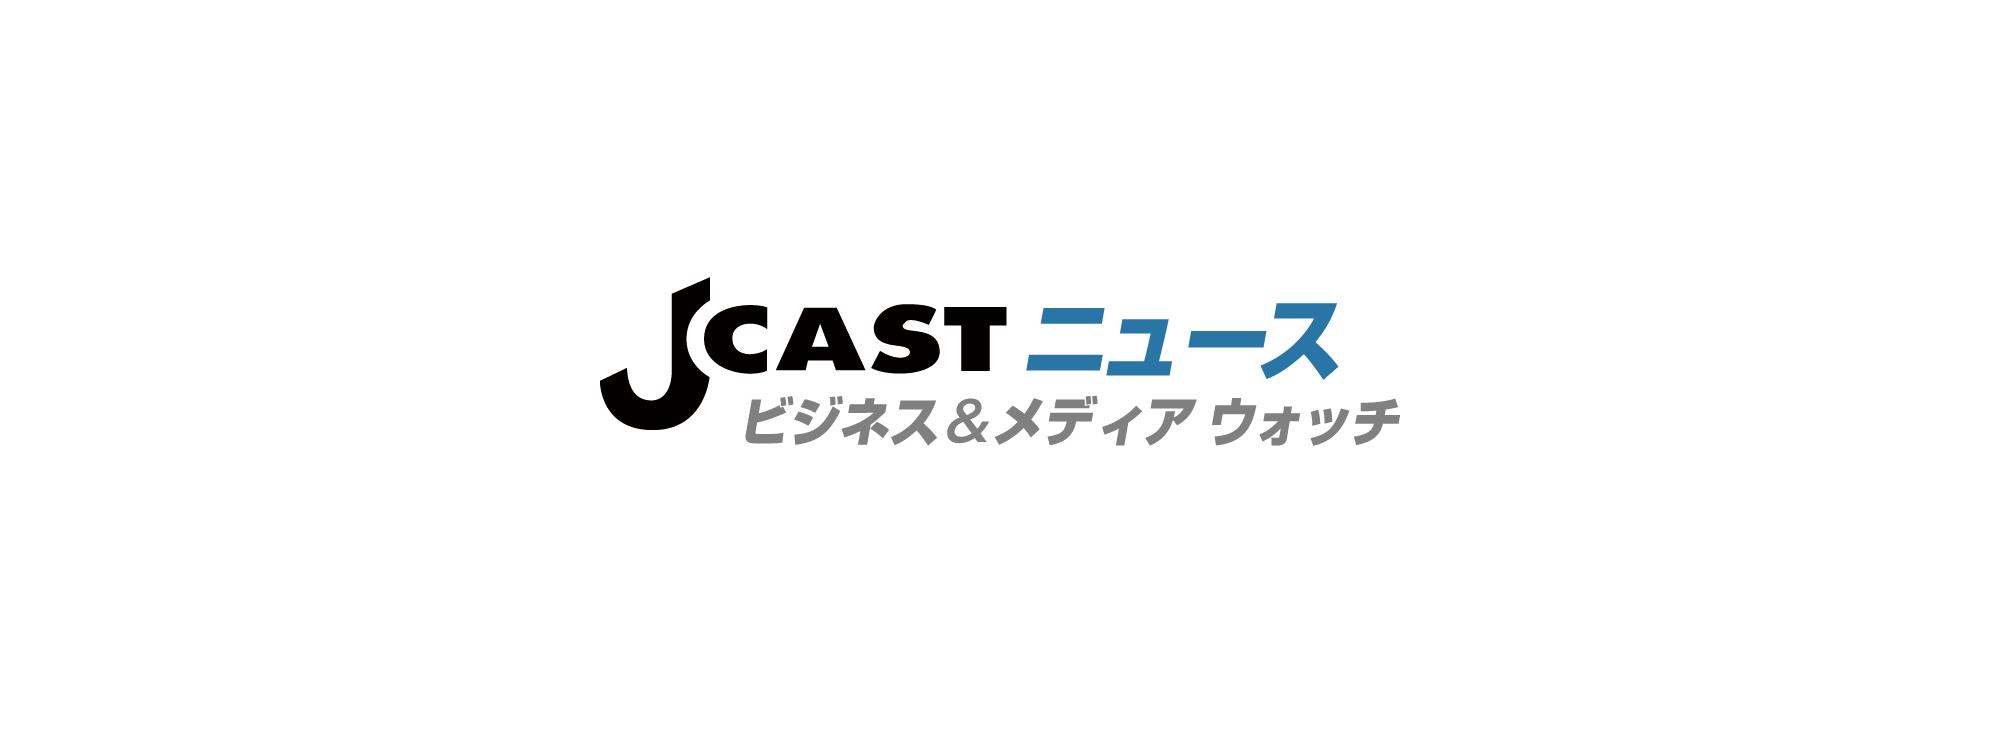 全文表示 | 宮城県高校「一律共学化」めぐり激論 「男女一緒が自然」?「伝統無視」? : J-CASTニュース